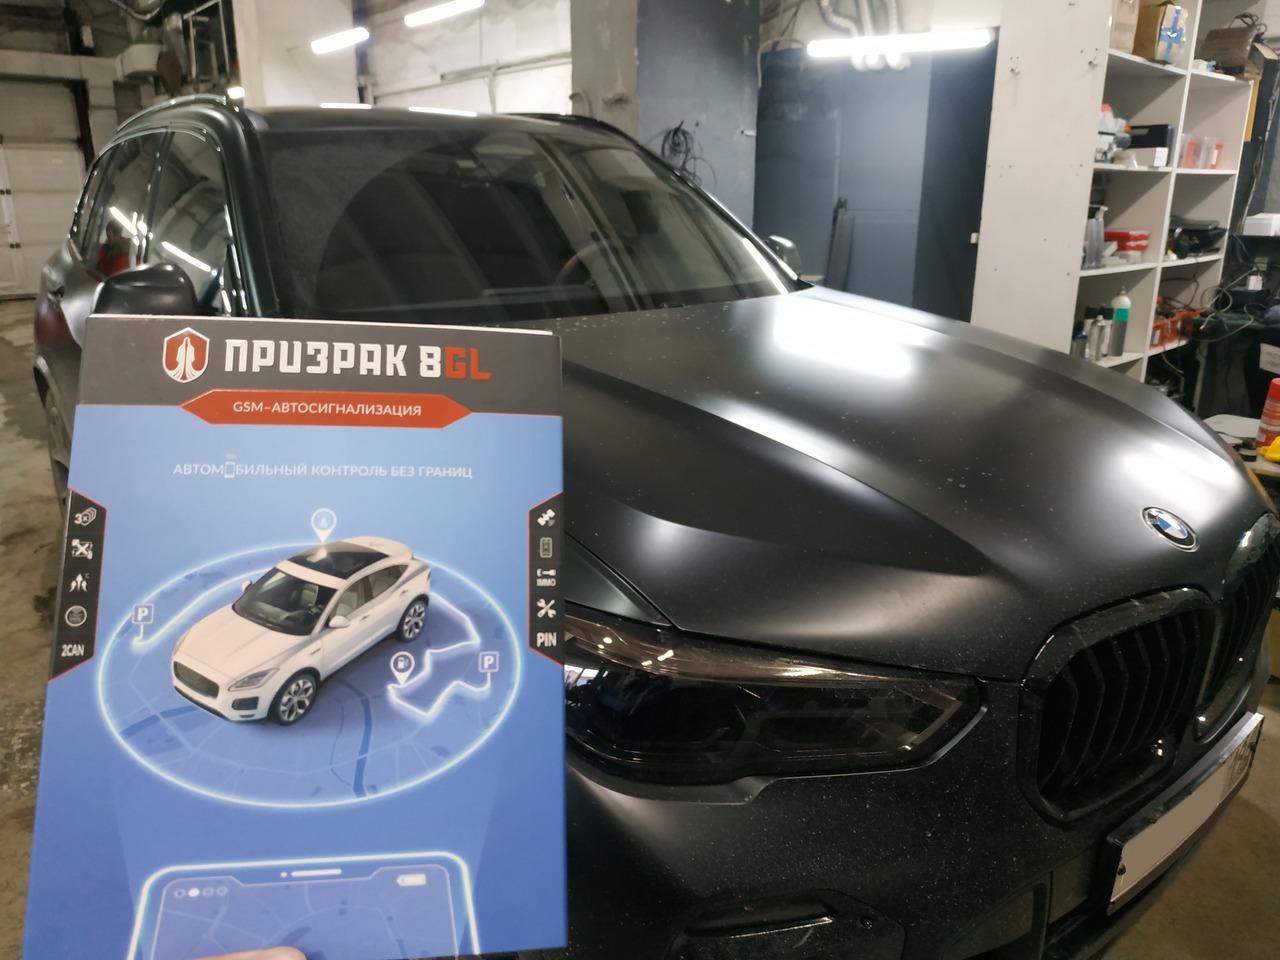 Автозапуск, BMW X5 G05